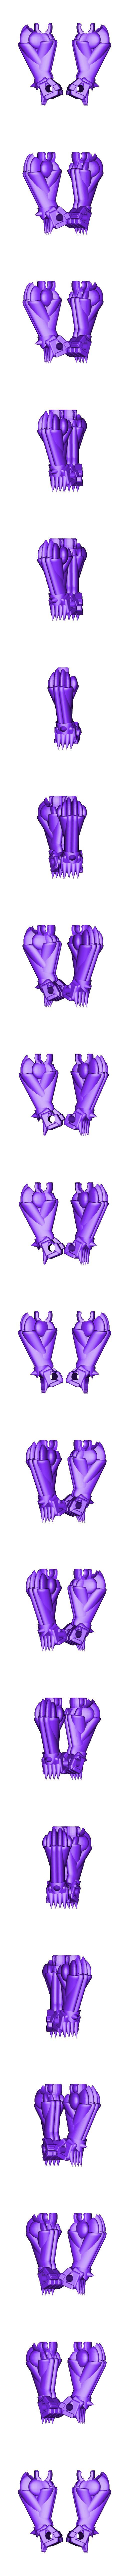 5__hands.stl Télécharger fichier STL gratuit Robot articulé personnalisable • Plan pour impression 3D, LittleTup